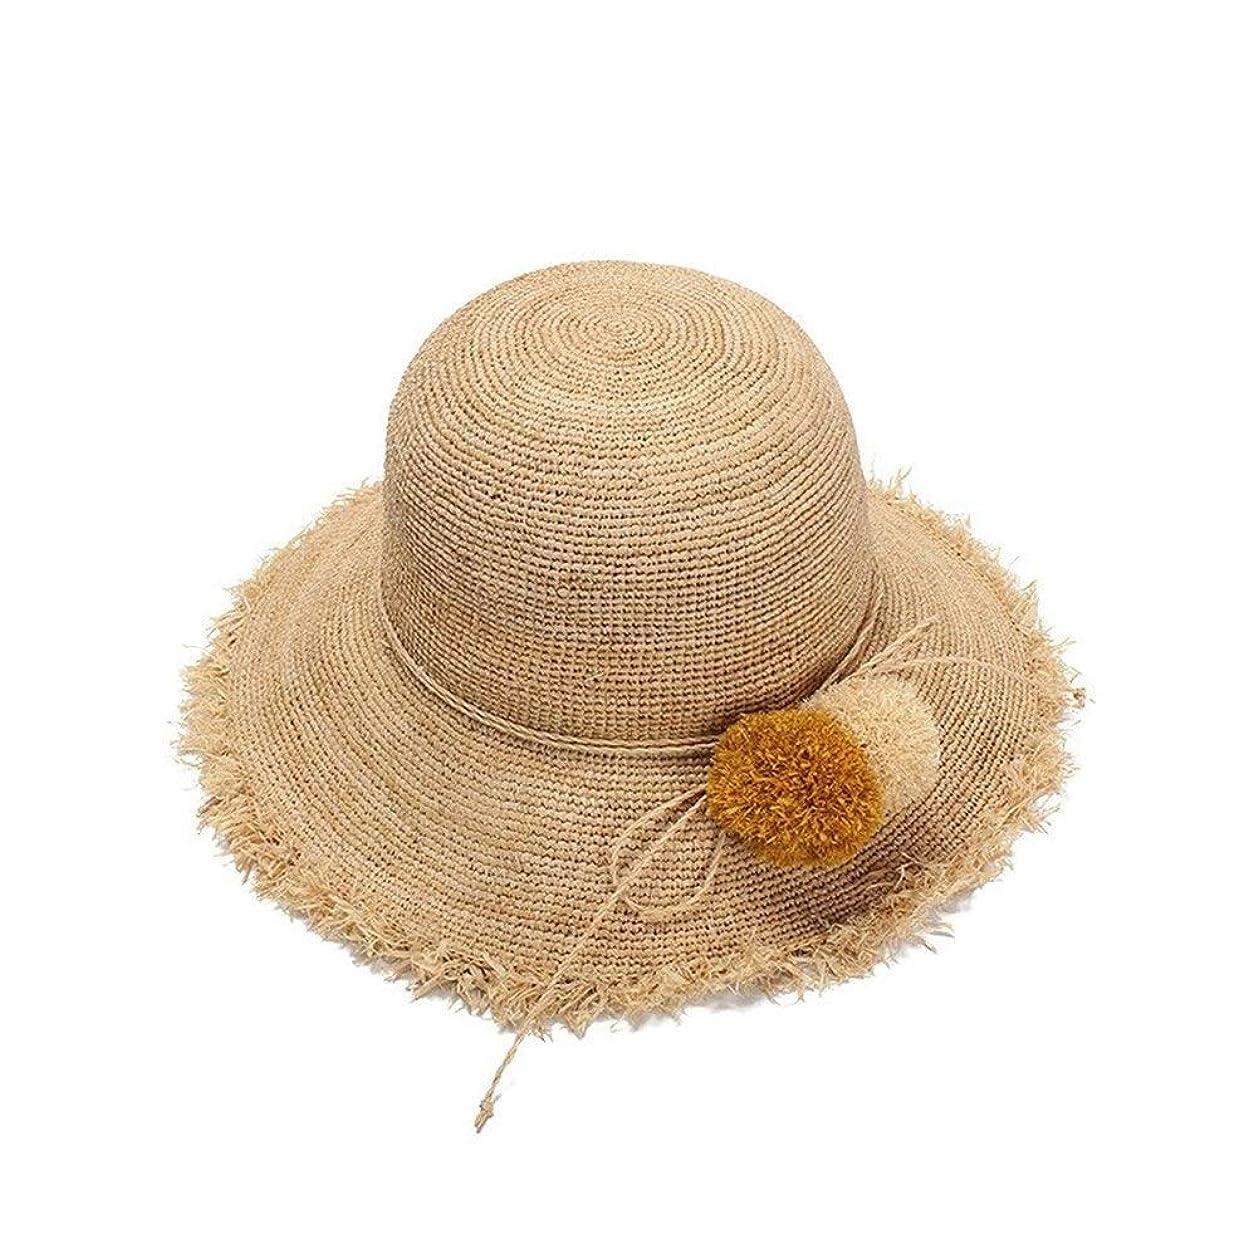 一方、イヤホンエンジニアZHANGBIN 女性夏帽子草ボール装飾ラフィットかぎ針編み麦わら帽子生エッジドーム帽子日焼け止めバイザー (Color : Wheat-colored)